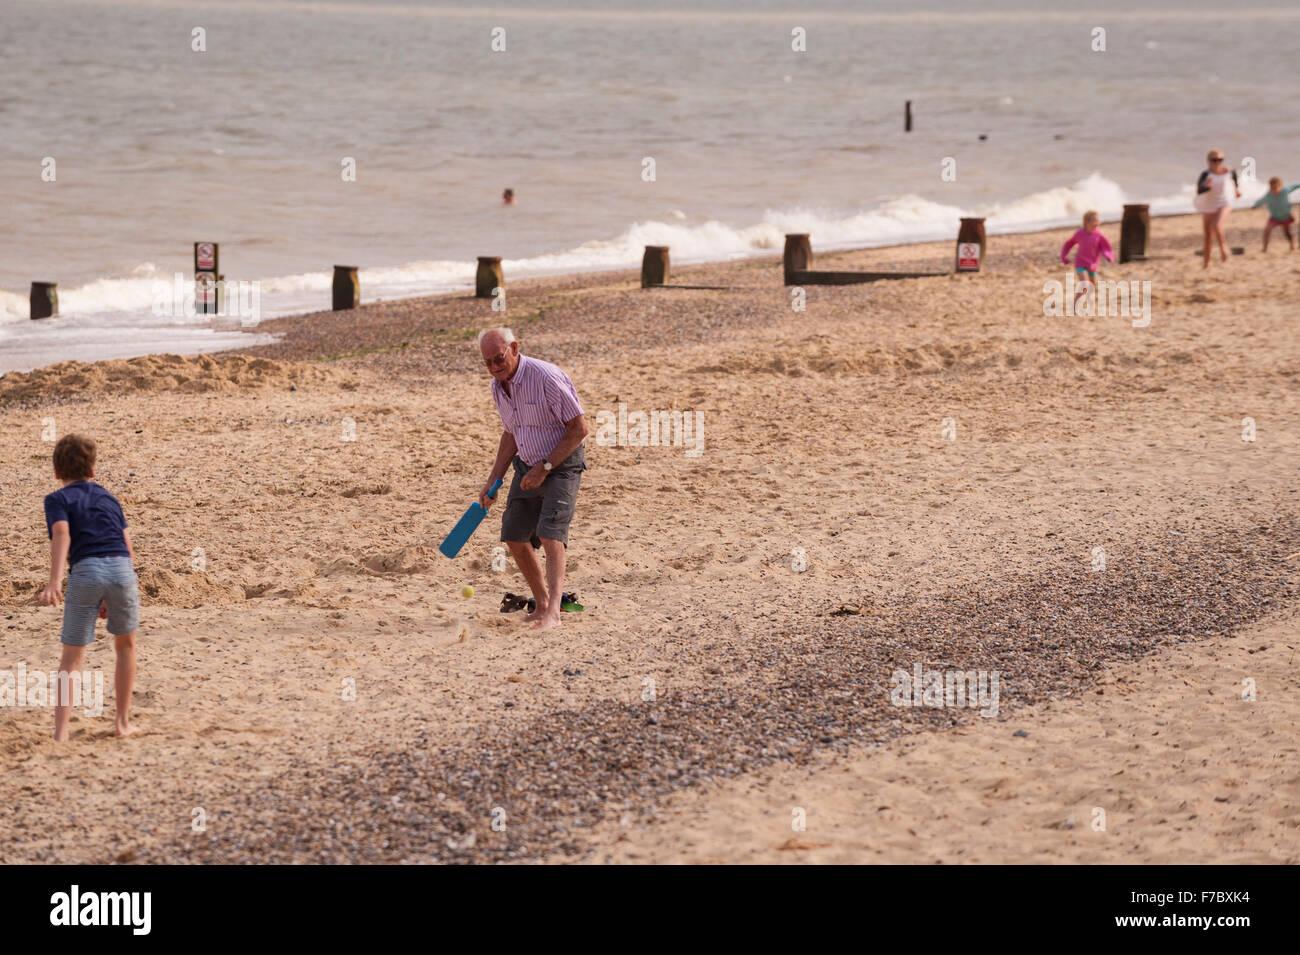 Menschen Sie spielen Cricket am Strand in Southwold, Suffolk, England, Großbritannien, Uk Stockfoto